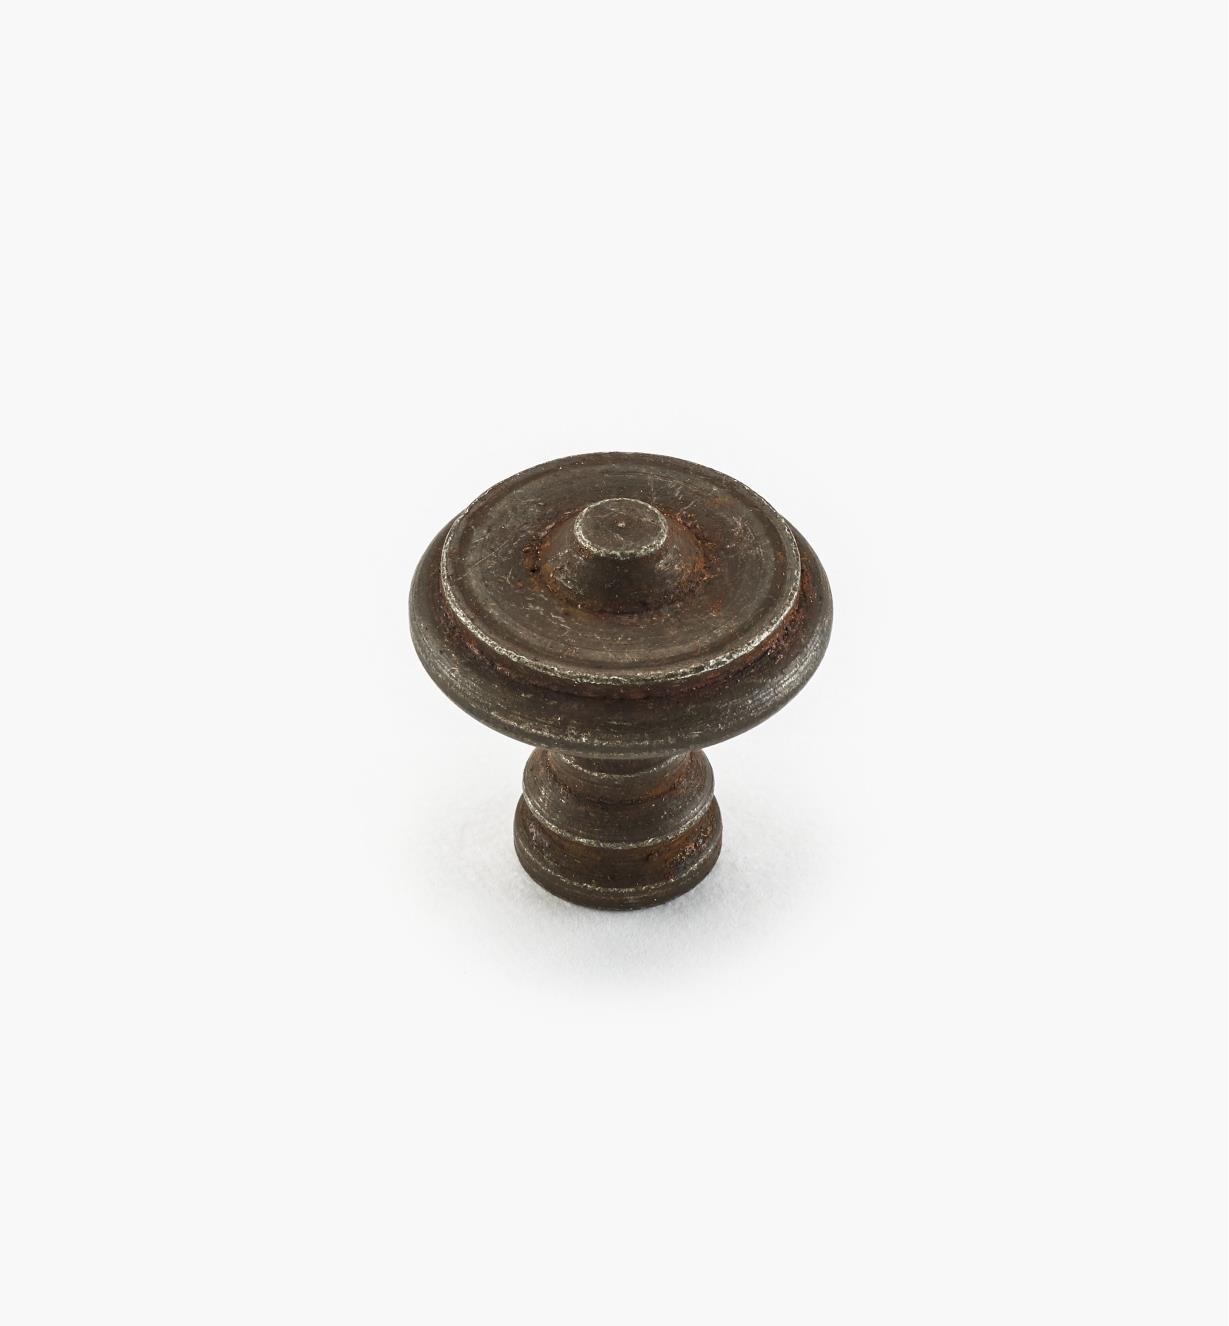 01A6052 - Bouton en acier, fini rouille, 25 mm x 25 mm